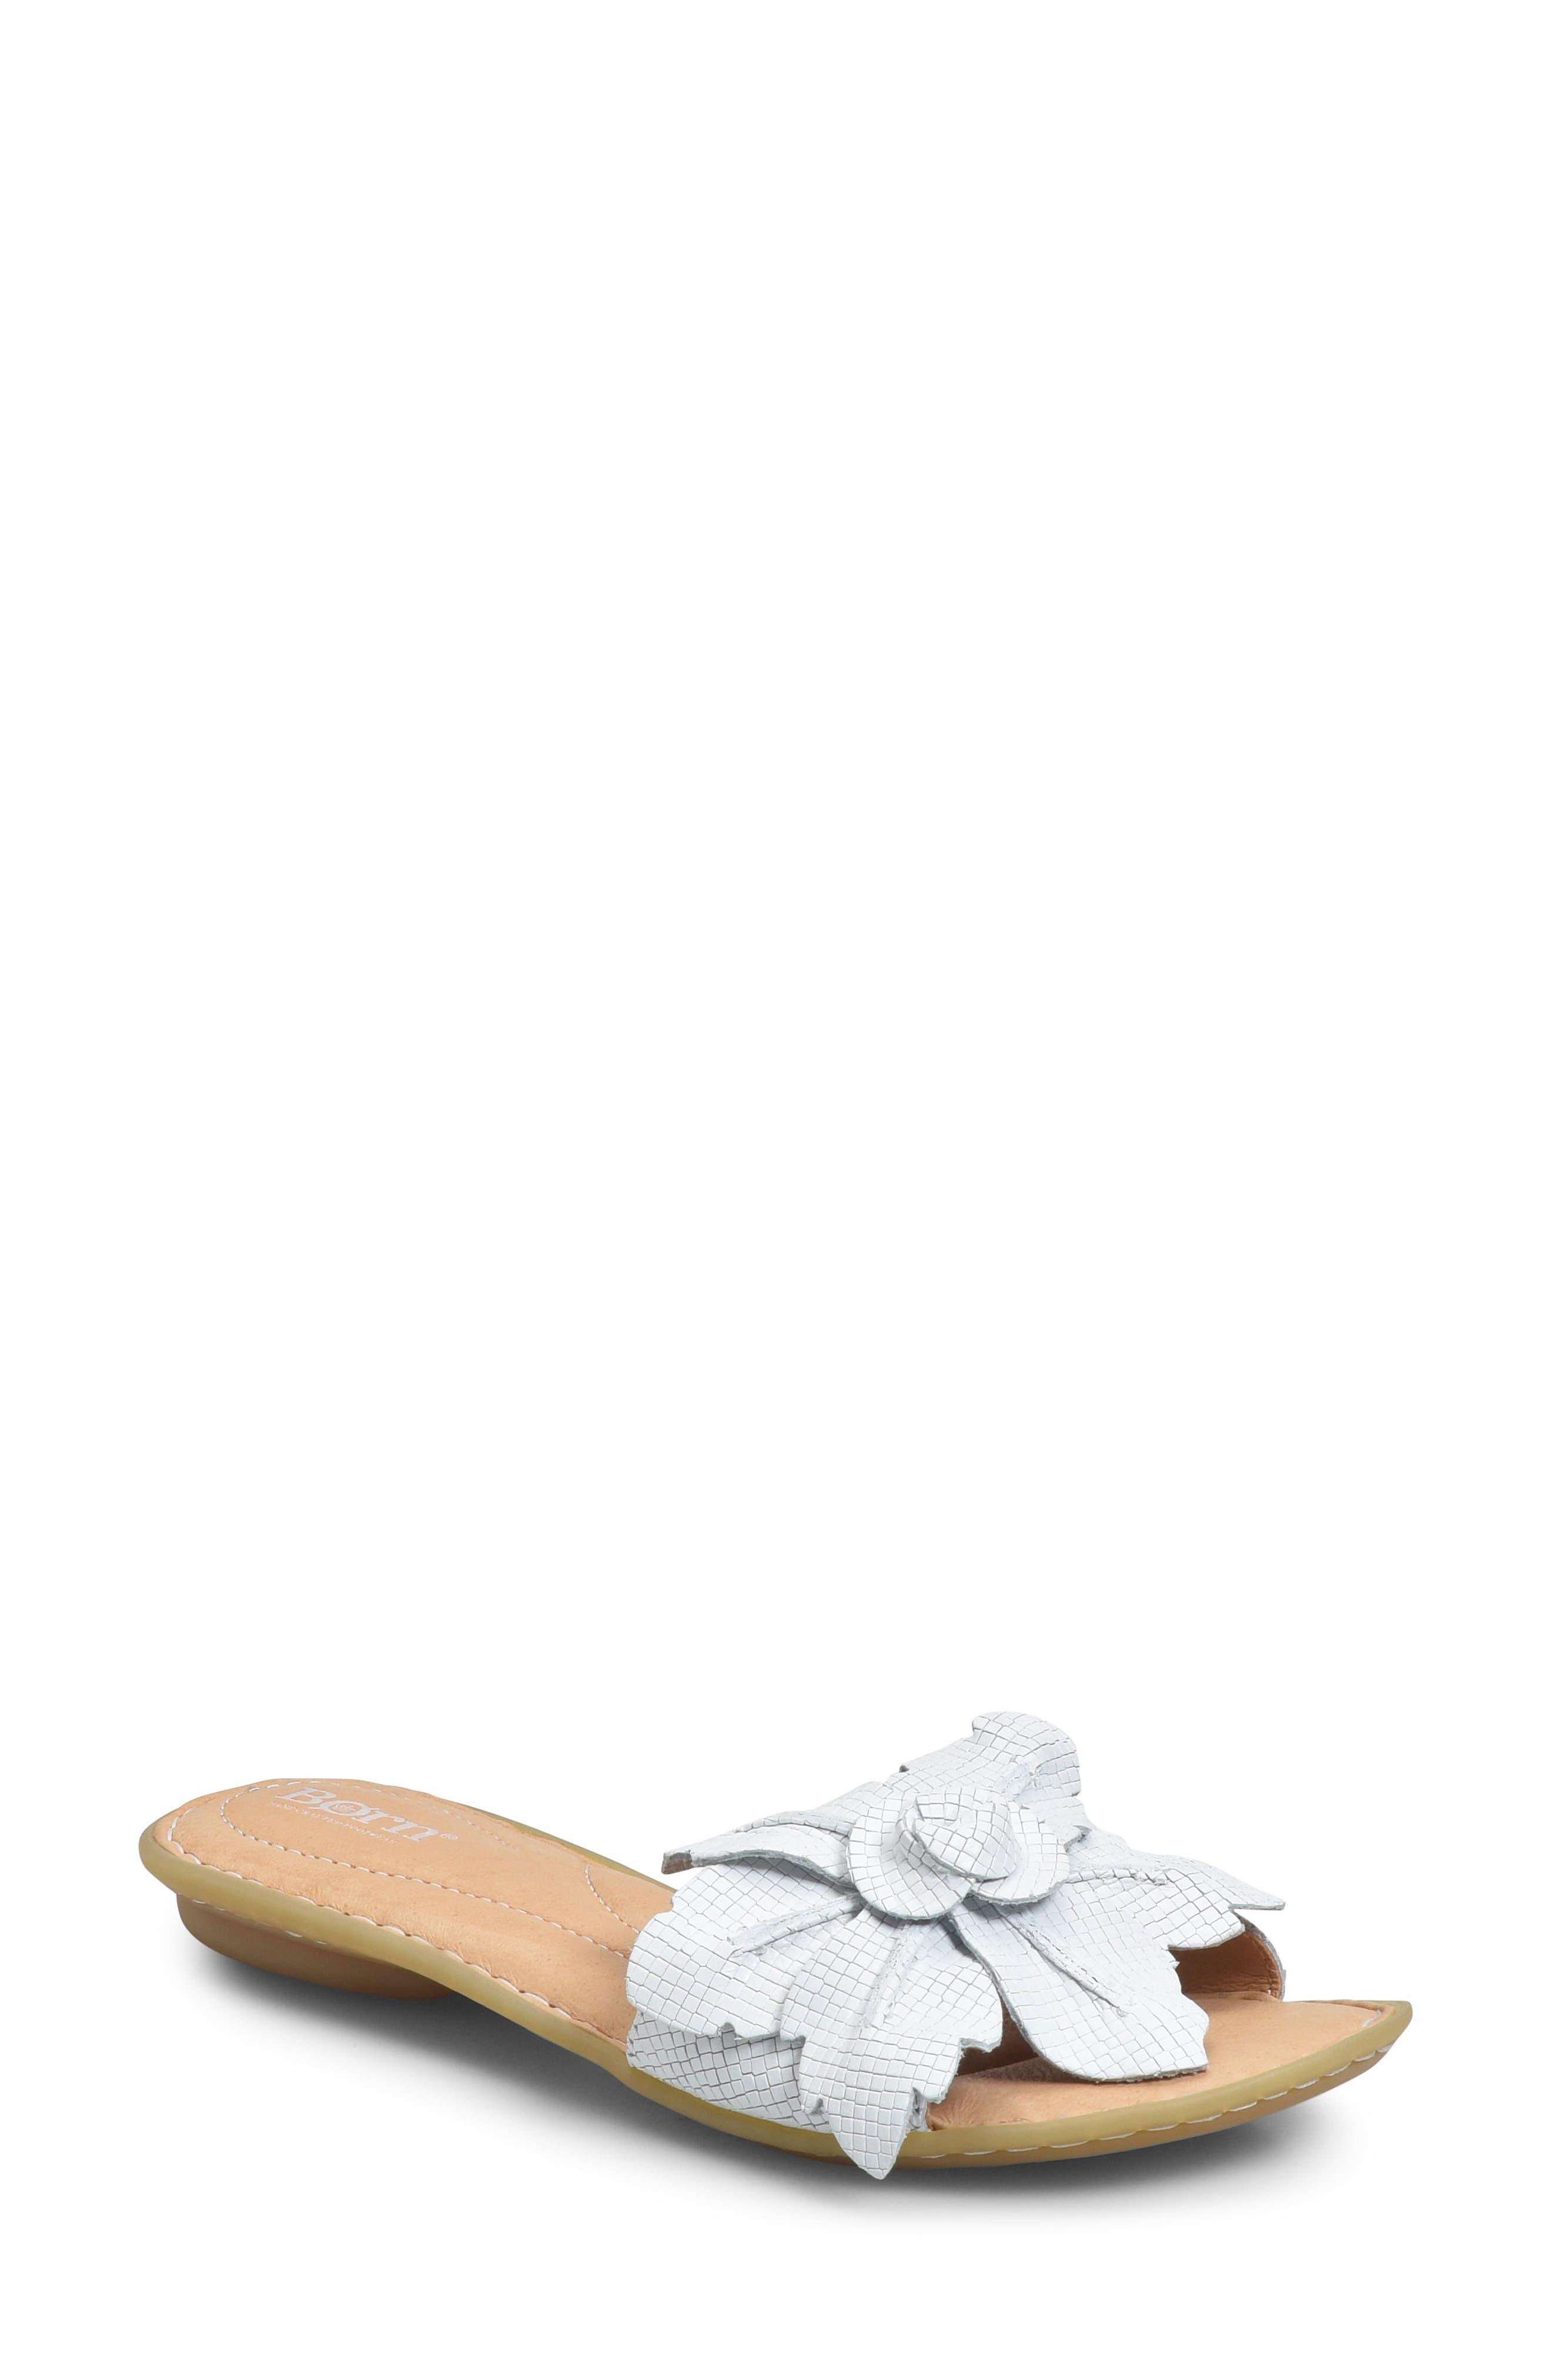 Børn Mai Floral Sandal (Women)